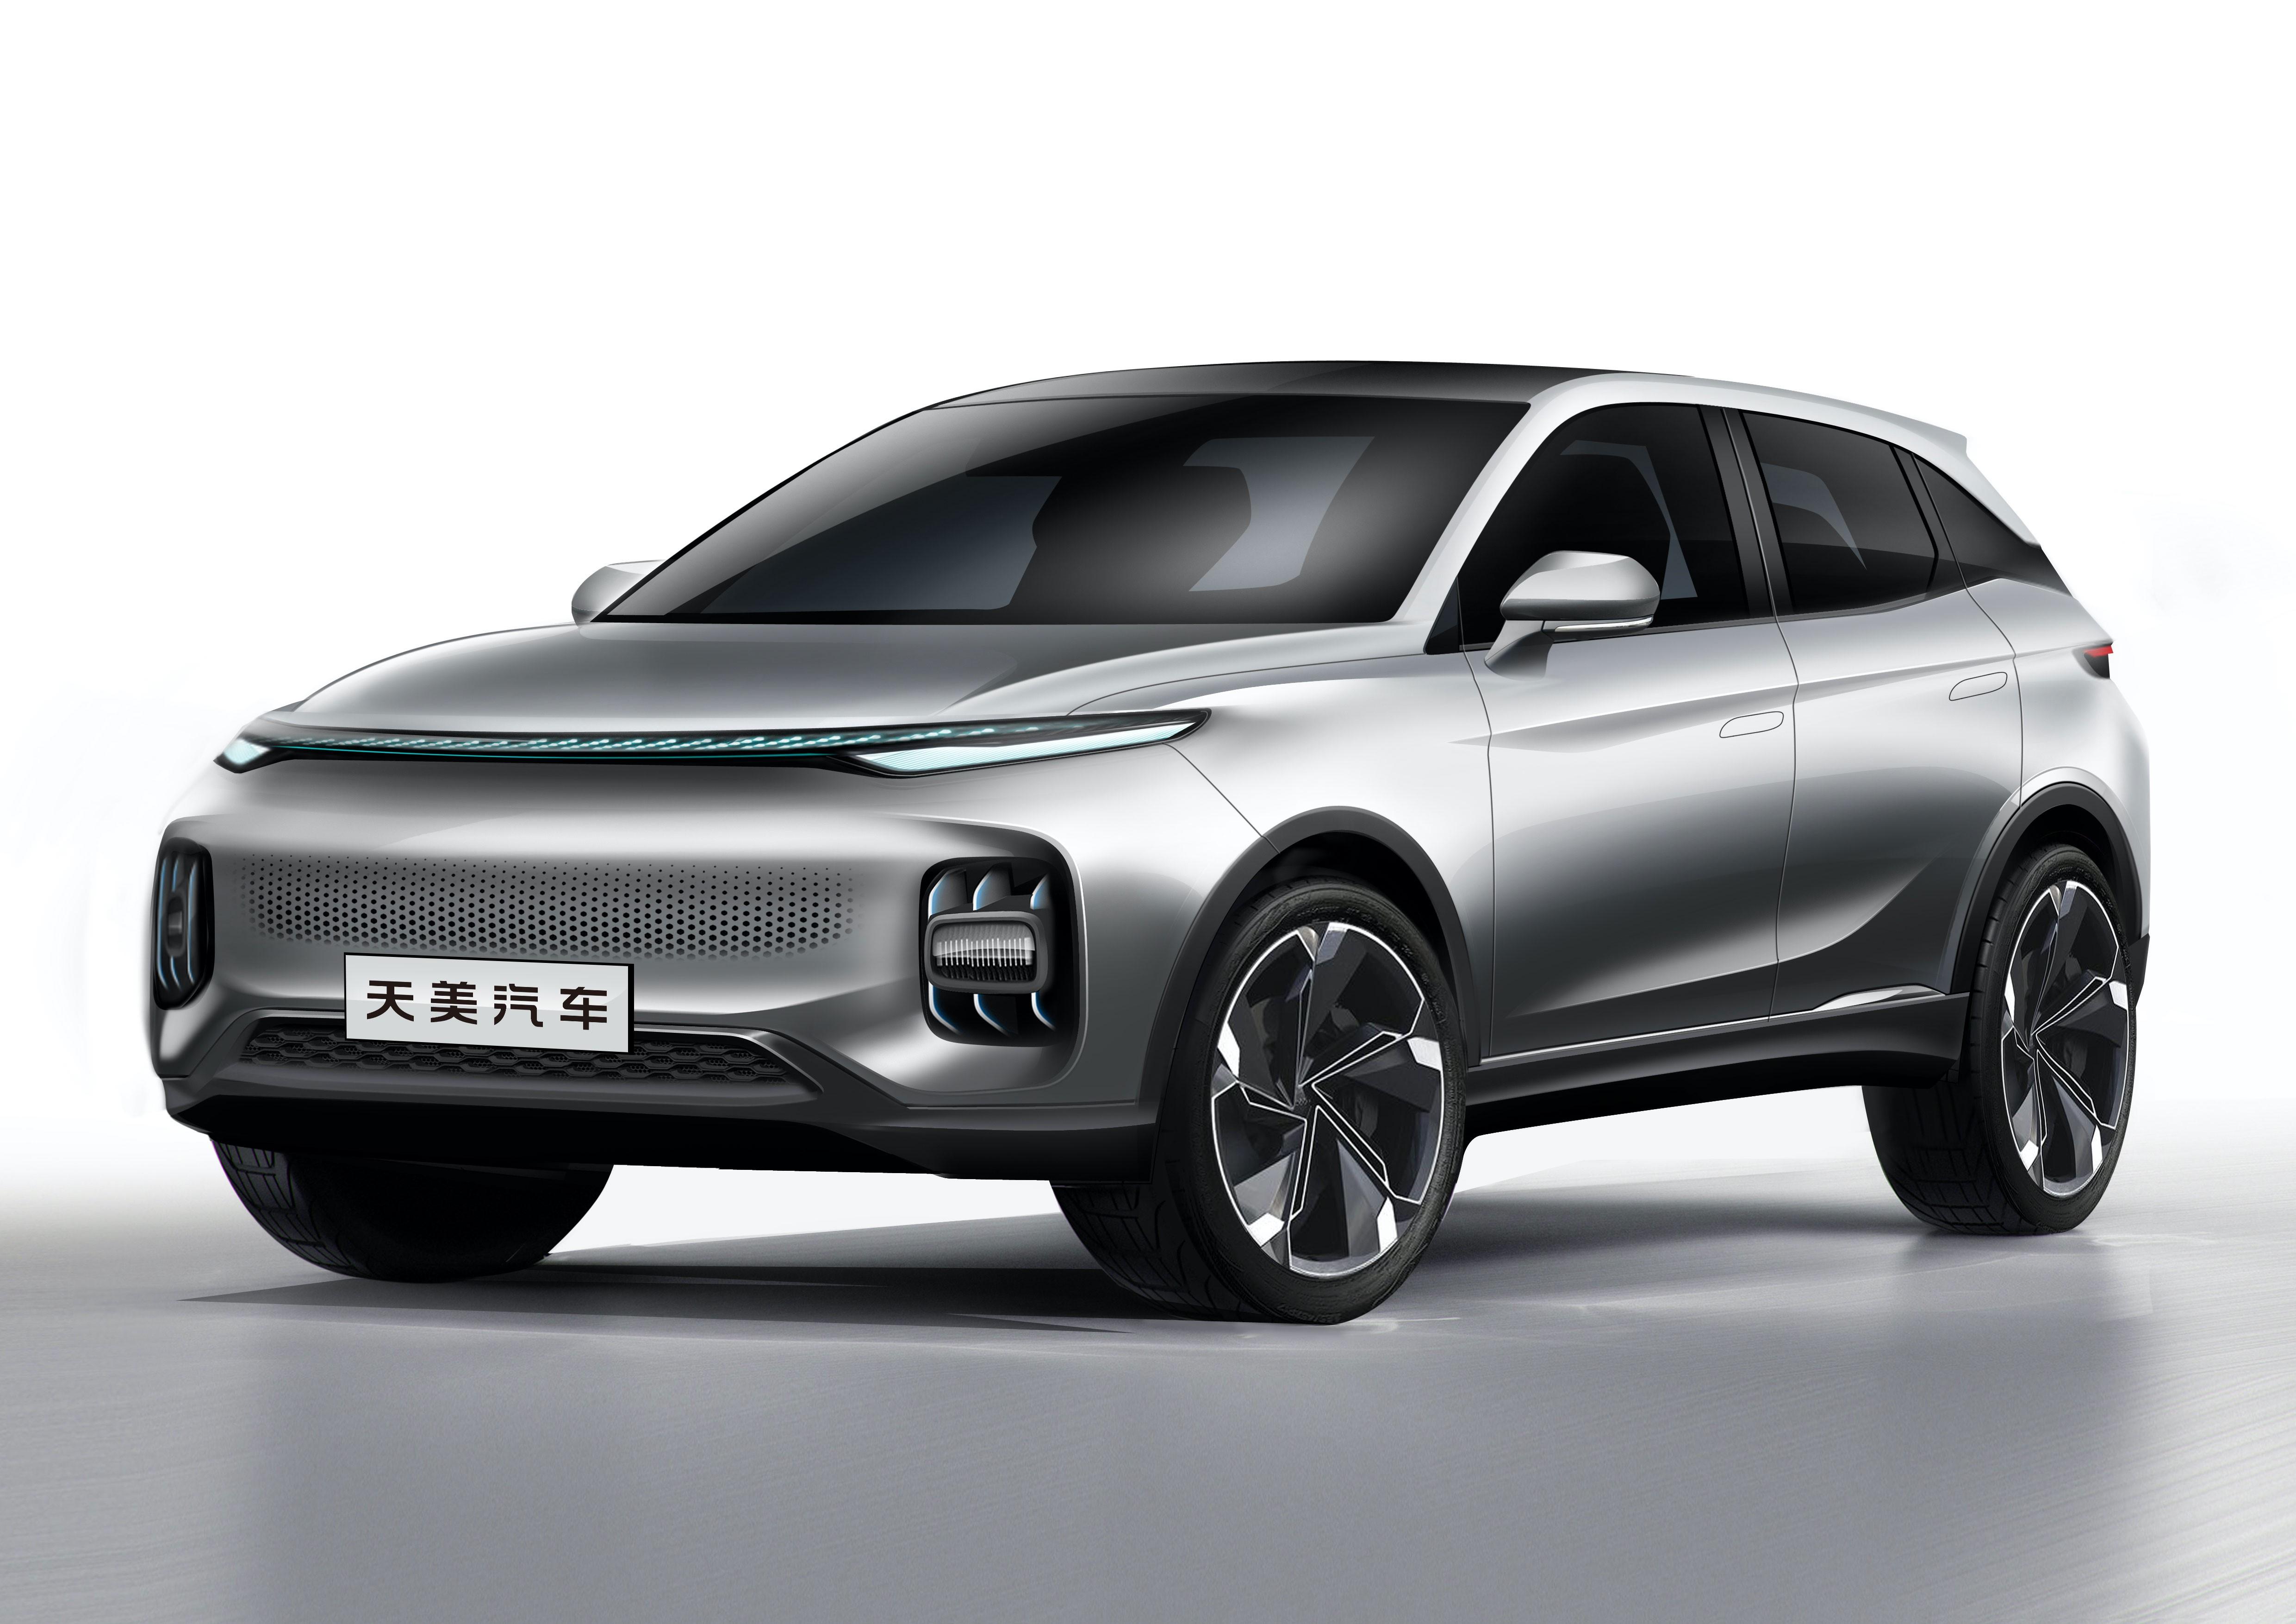 新能源領域又添新勢力 天美汽車將在2020年推出新車型